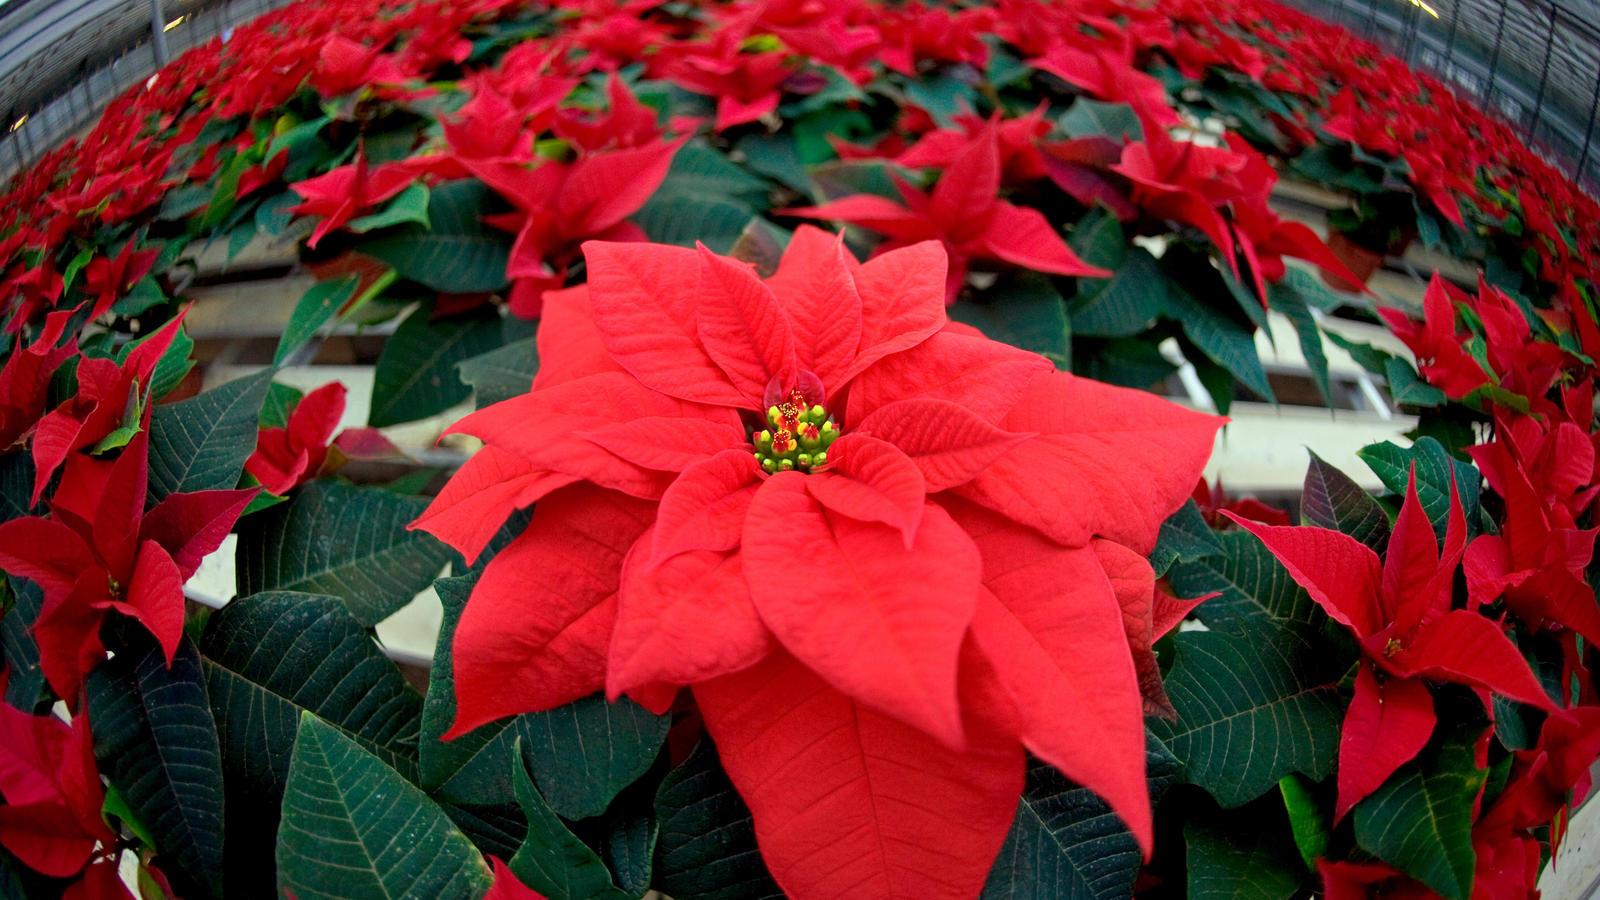 pflege tipps f r weihnachtssterne so halten die pflanzen. Black Bedroom Furniture Sets. Home Design Ideas